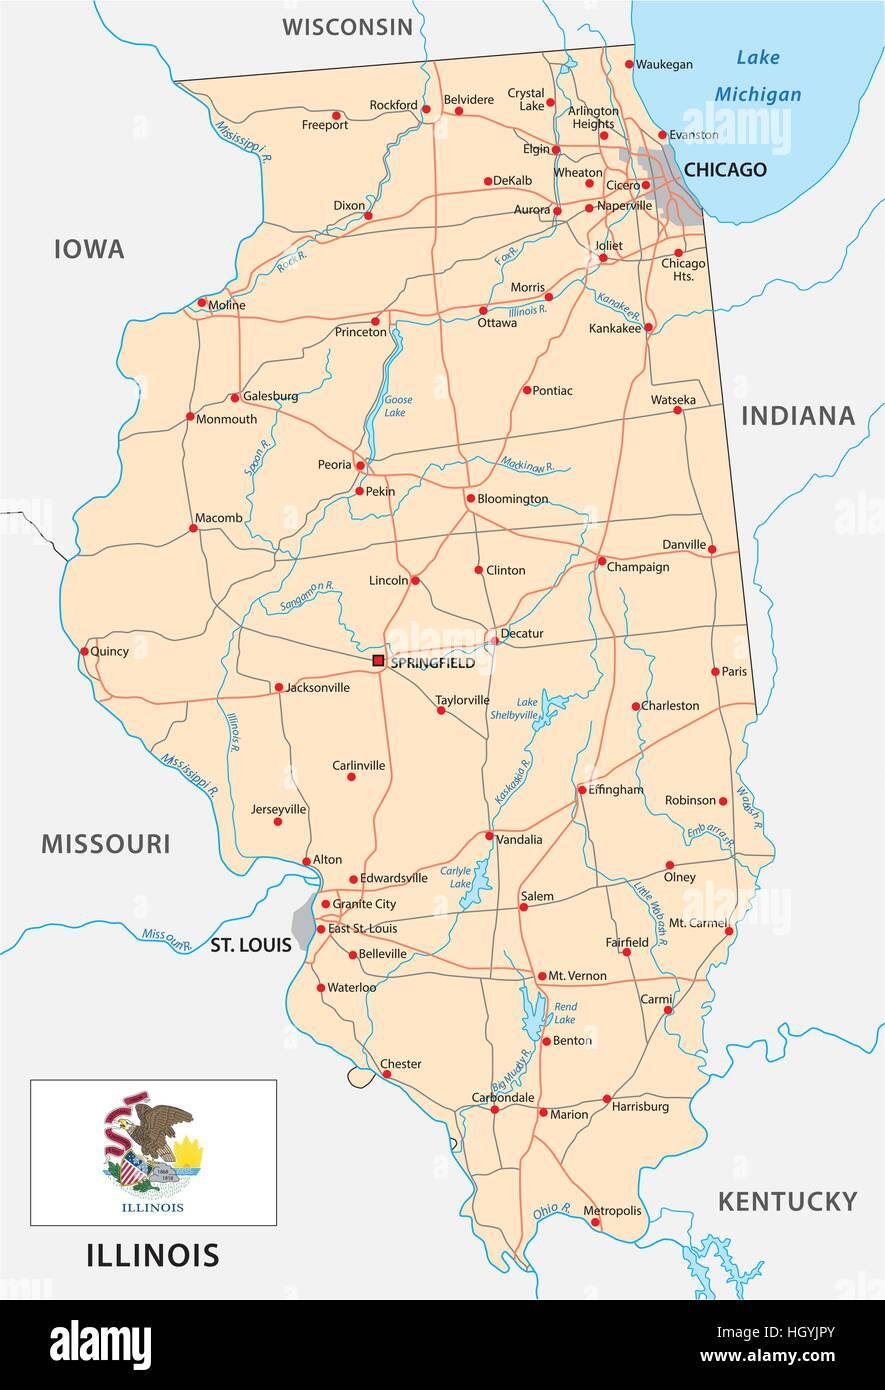 illinois road map with flag Stock Vector Art & Illustration ... on harrisburg illinois map, illinois map with all cities, illinois farm map, illinois zoning map, illinois railroad map, illinois minnesota map, illinois bayou map, central illinois map, illinois map coloring, illinois tourist map, illinois expressway map, illinois rd map, chicagoland map, illinois well map, rockford illinois map, illinois creek map, illinois wall map, illinois major highways, illinois airports map, illinois town map,